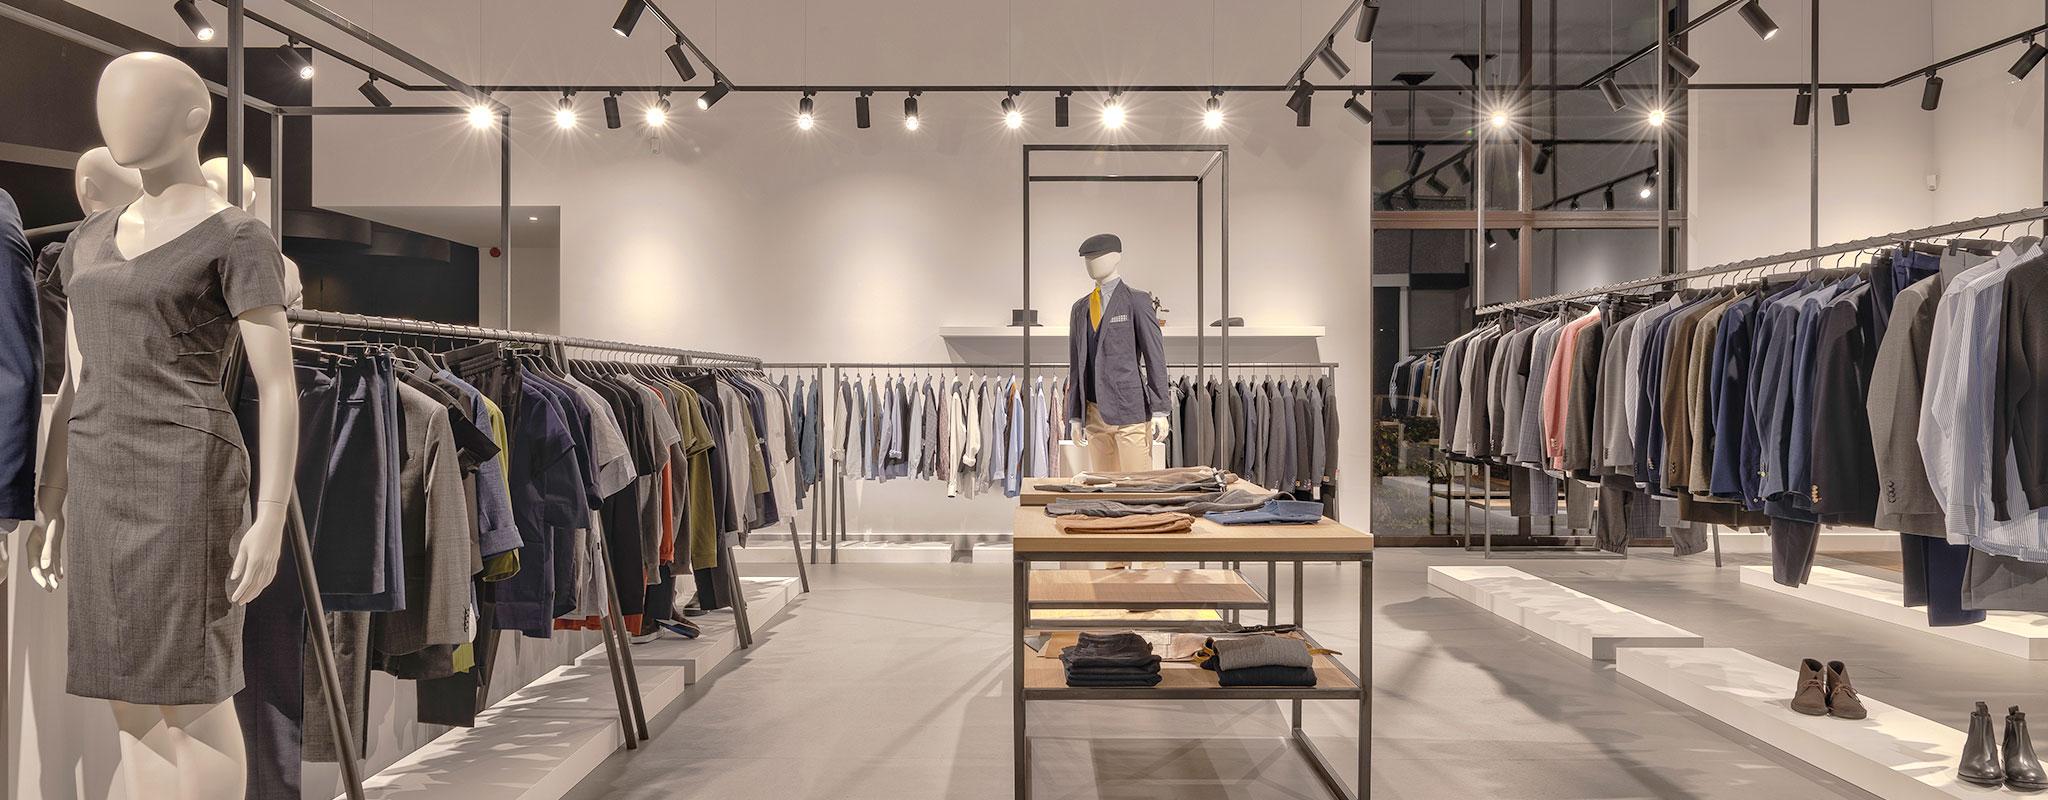 Bedrijfskledij showroom Suit Up Breda